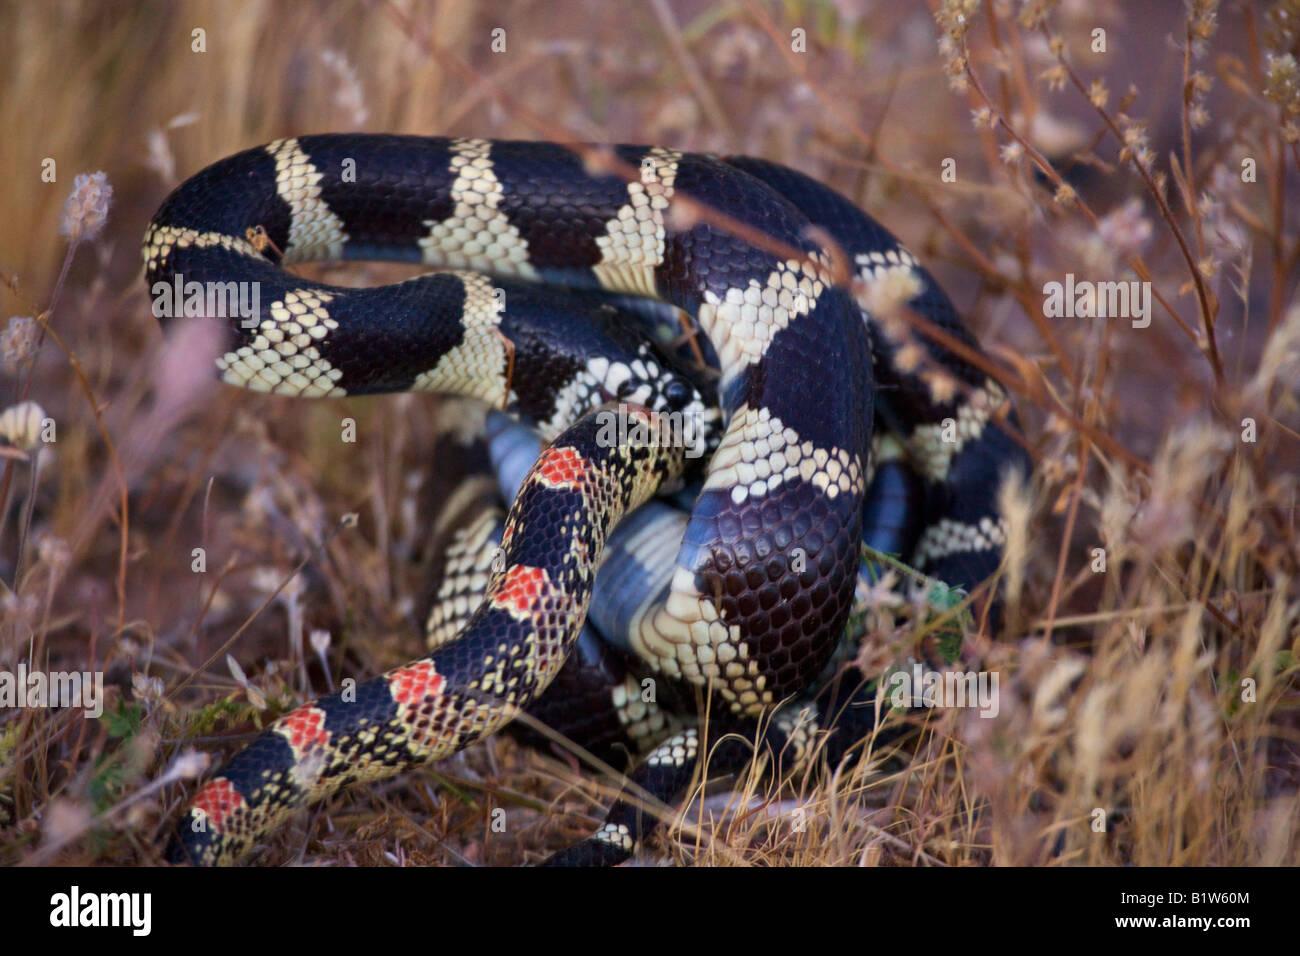 Un rey común serpiente ataca una nariz larga serpiente cerca de Fountain Hills fuera de Phoenix, Arizona Imagen De Stock